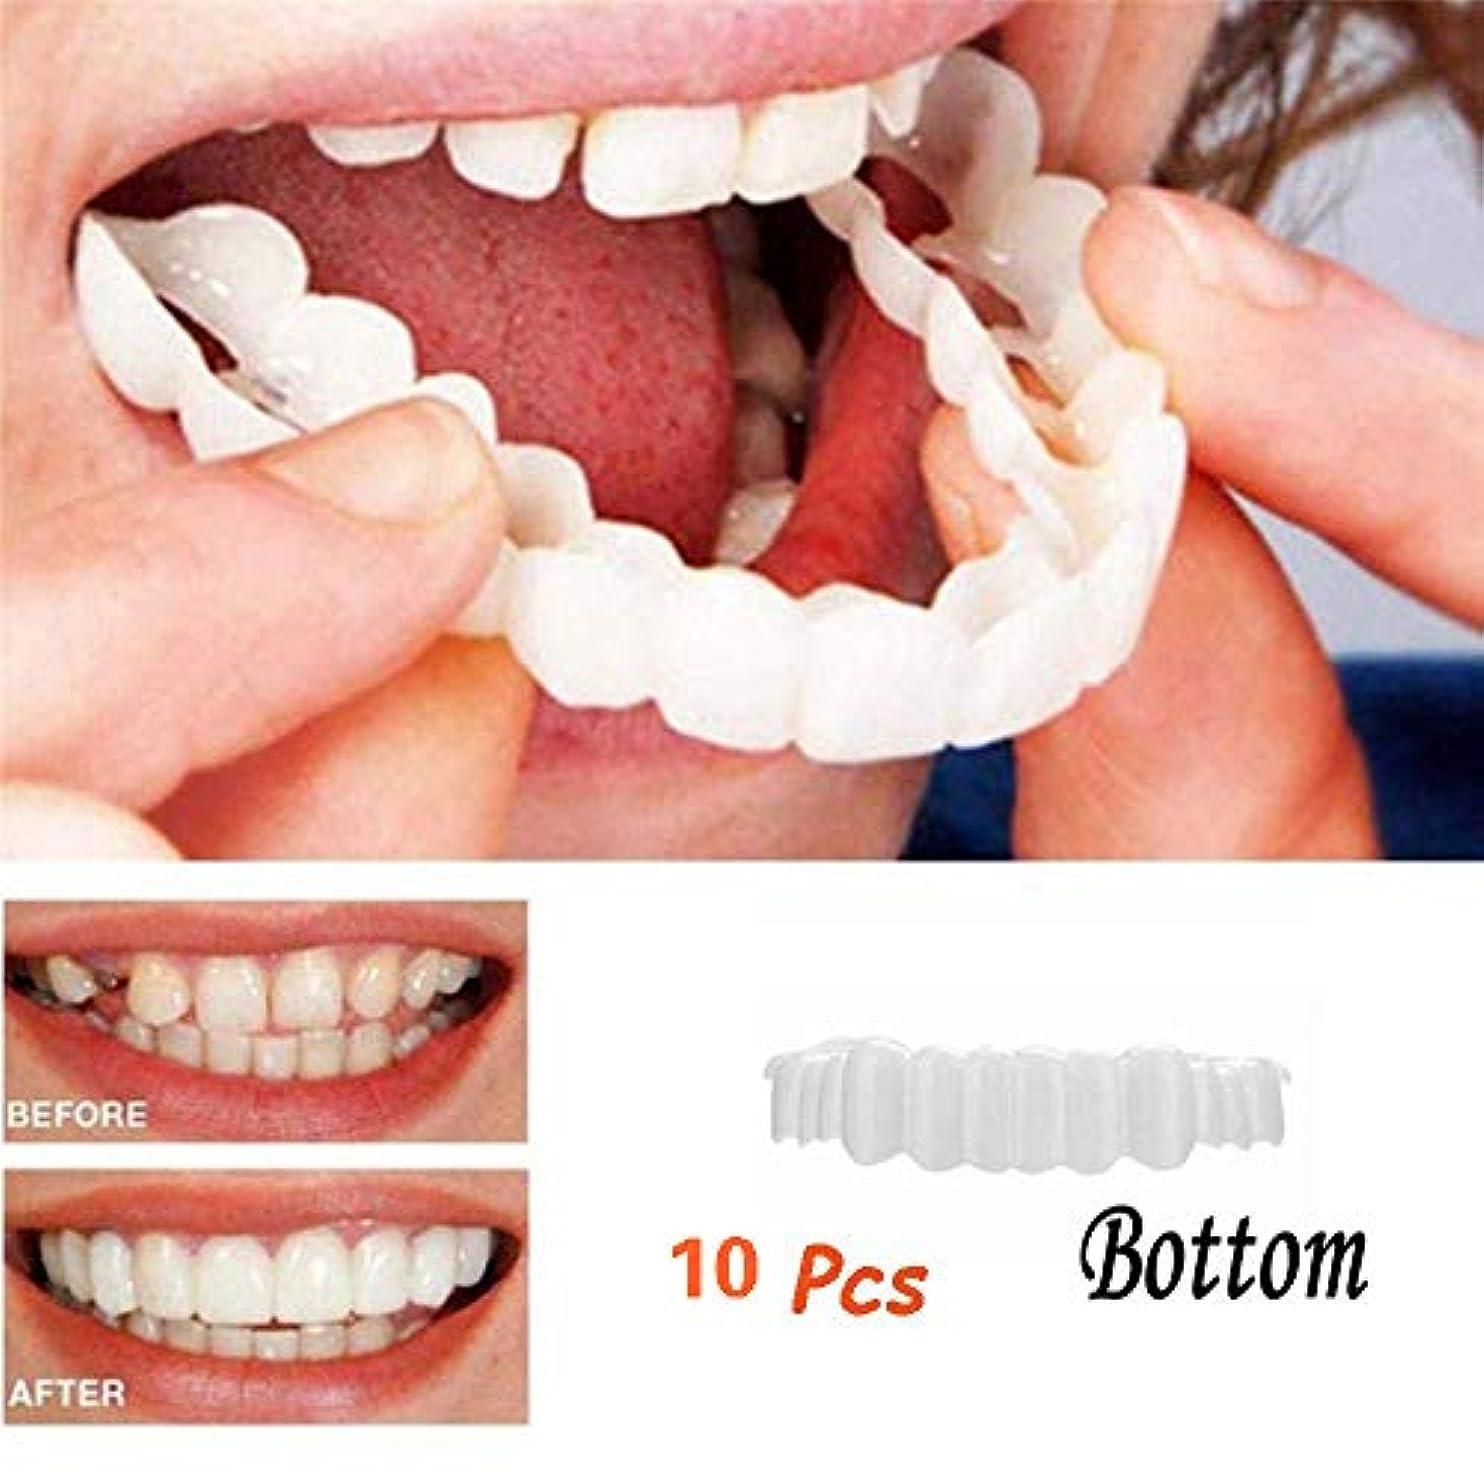 レコーダーカメマージン10ピース化粧品歯化粧品歯科スナップインスタントパーフェクトスマイルコンフォートフィットフレックス歯白い歯カバーフィットほとんどの偽底歯